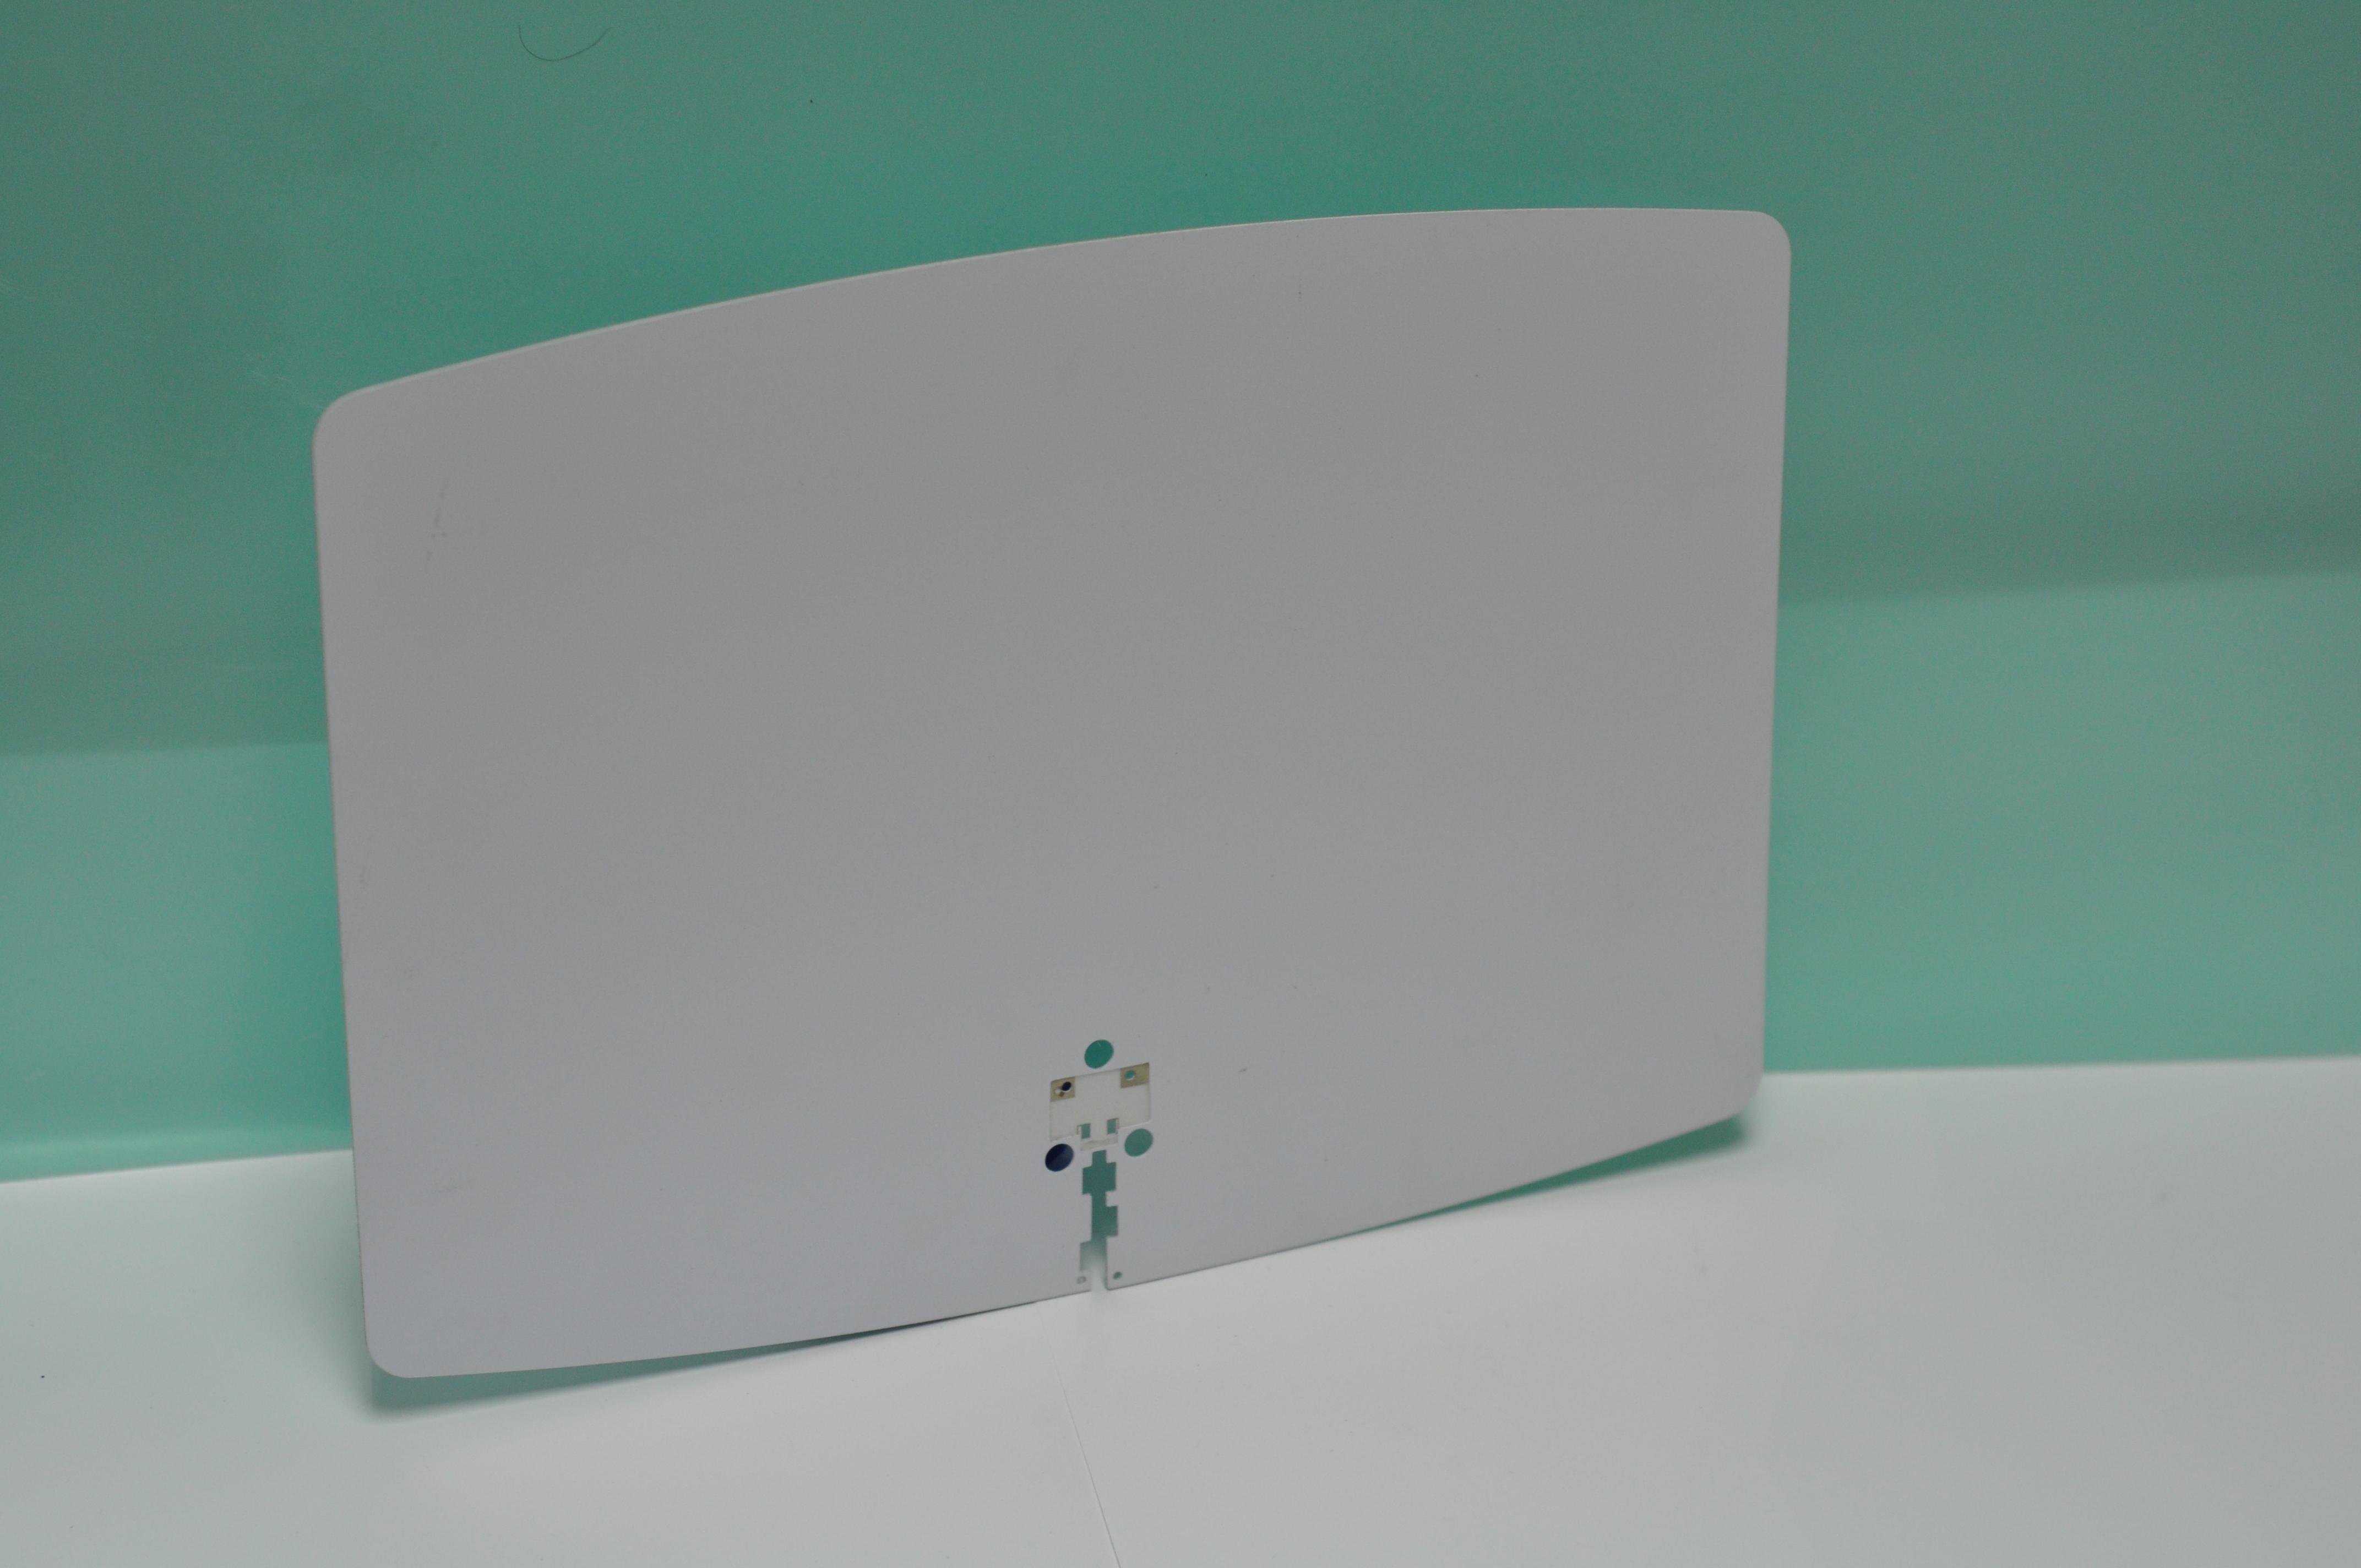 电视薄膜天线-PVC印刷天线-薄膜天线厂家